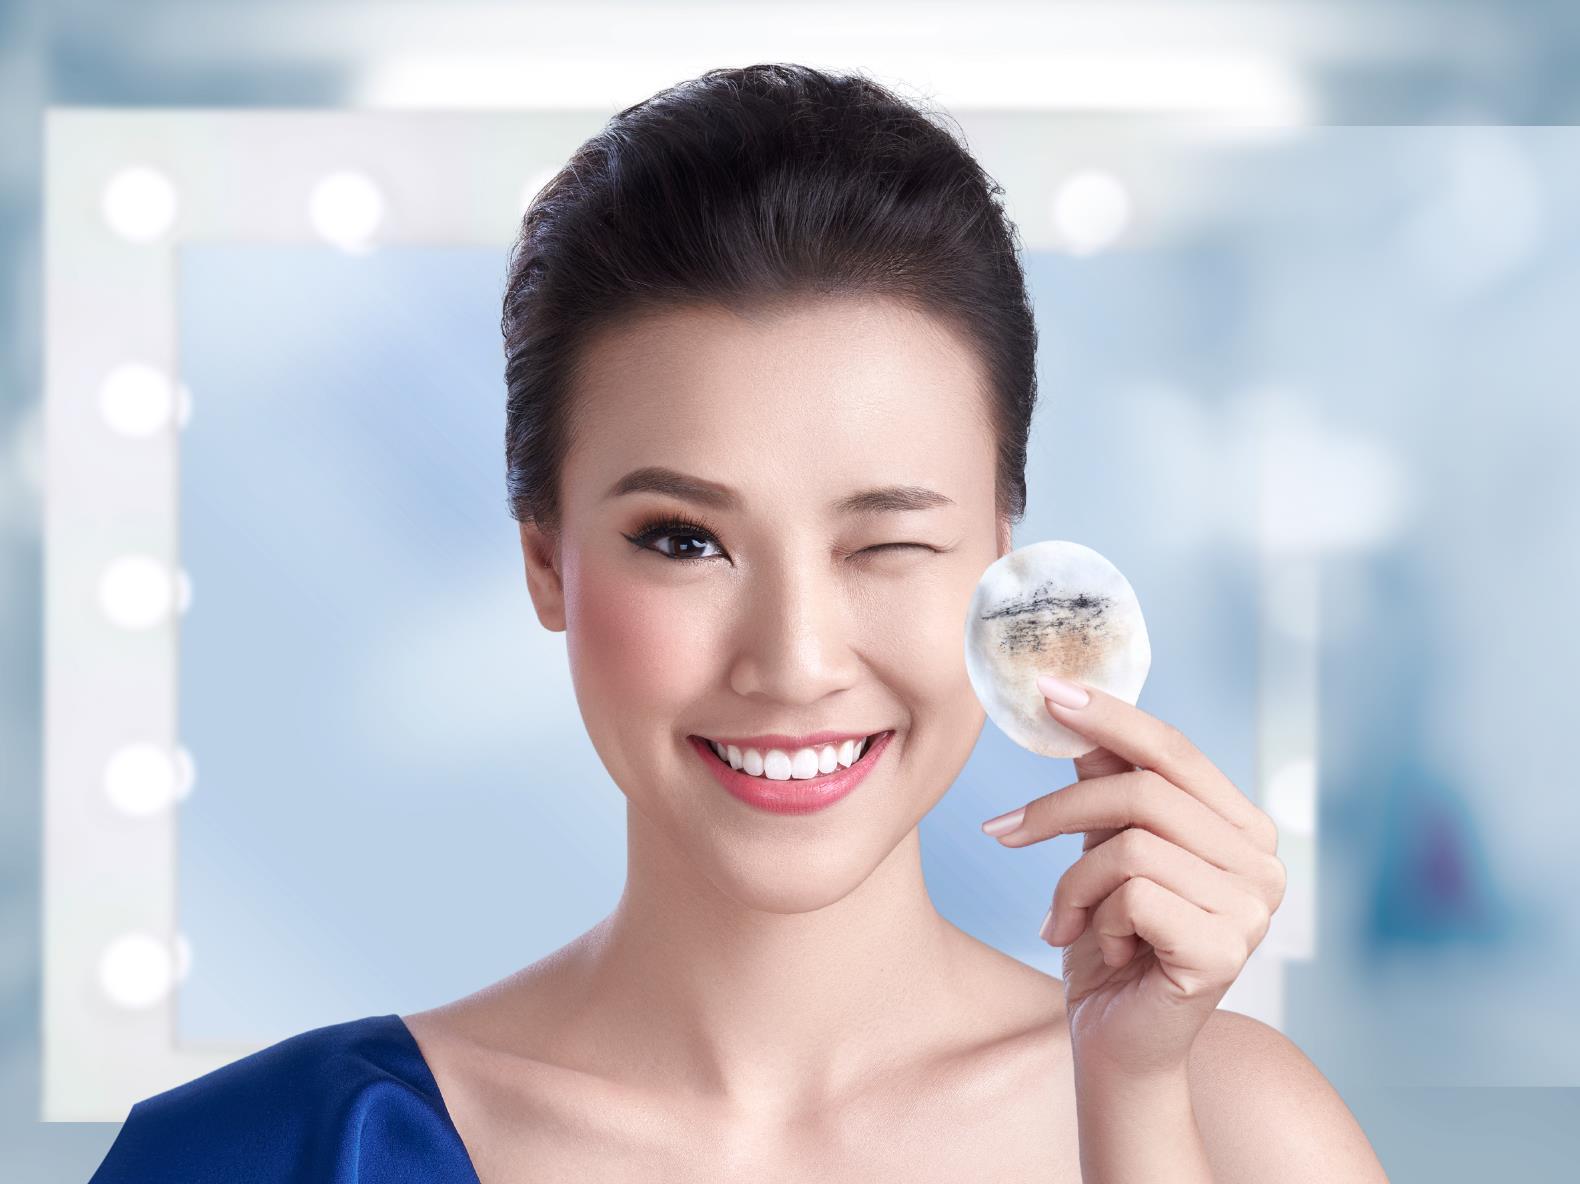 Tẩy trang sẽ giúp bạn lấy đi lớp kem chống nắng và bụi bẩn trên da